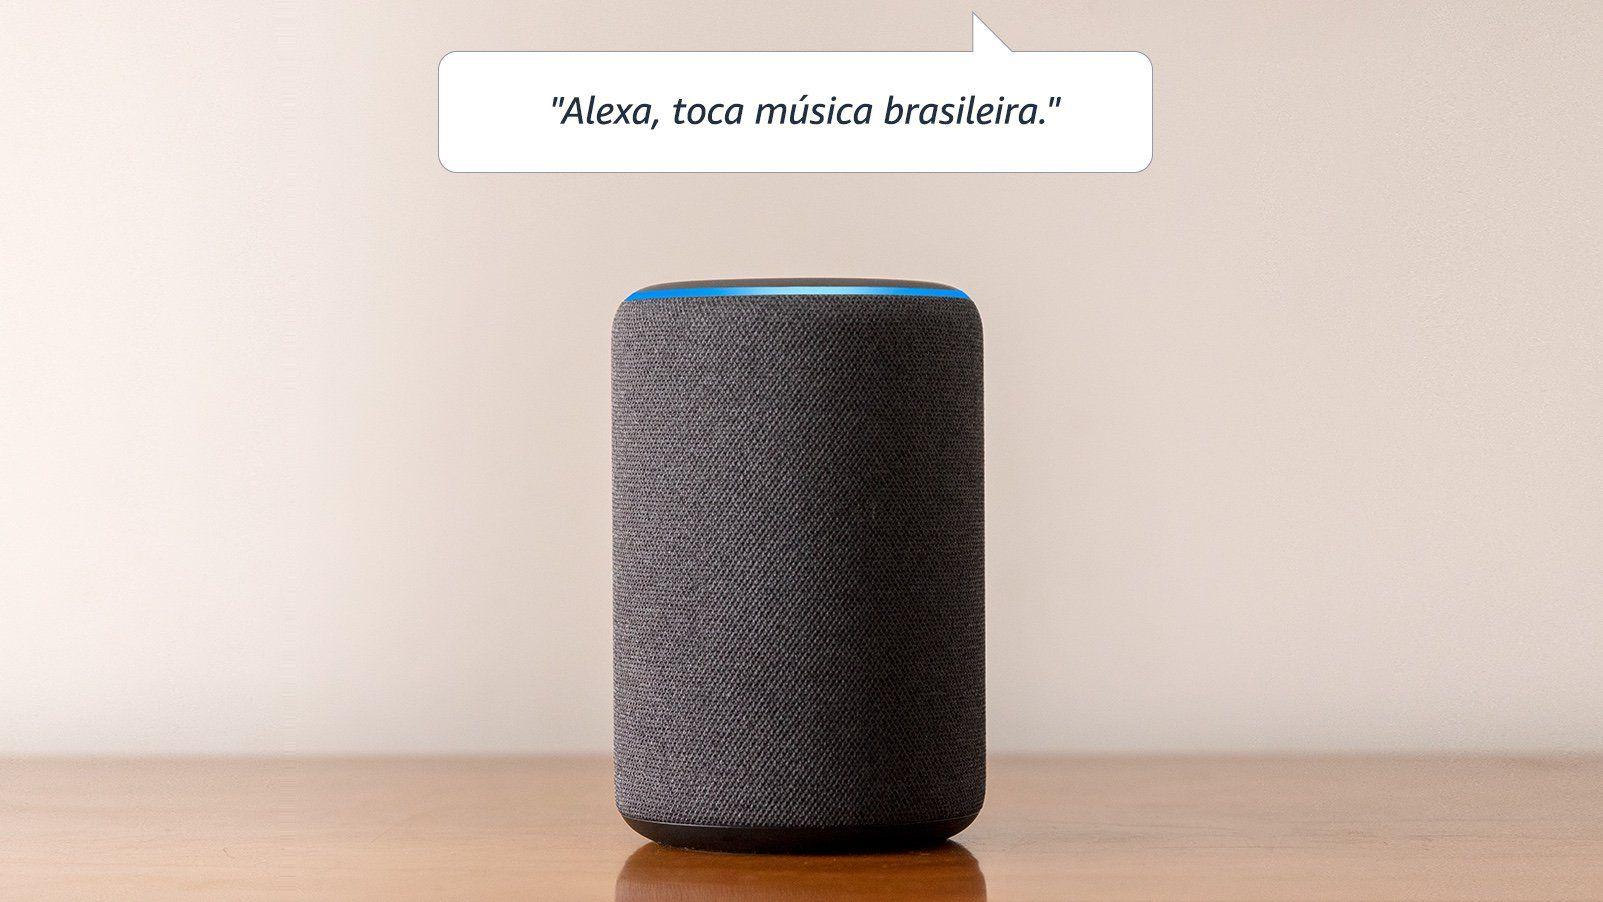 Comandos da Alexa - Tudo o que você pode pedir para a assistente virtual